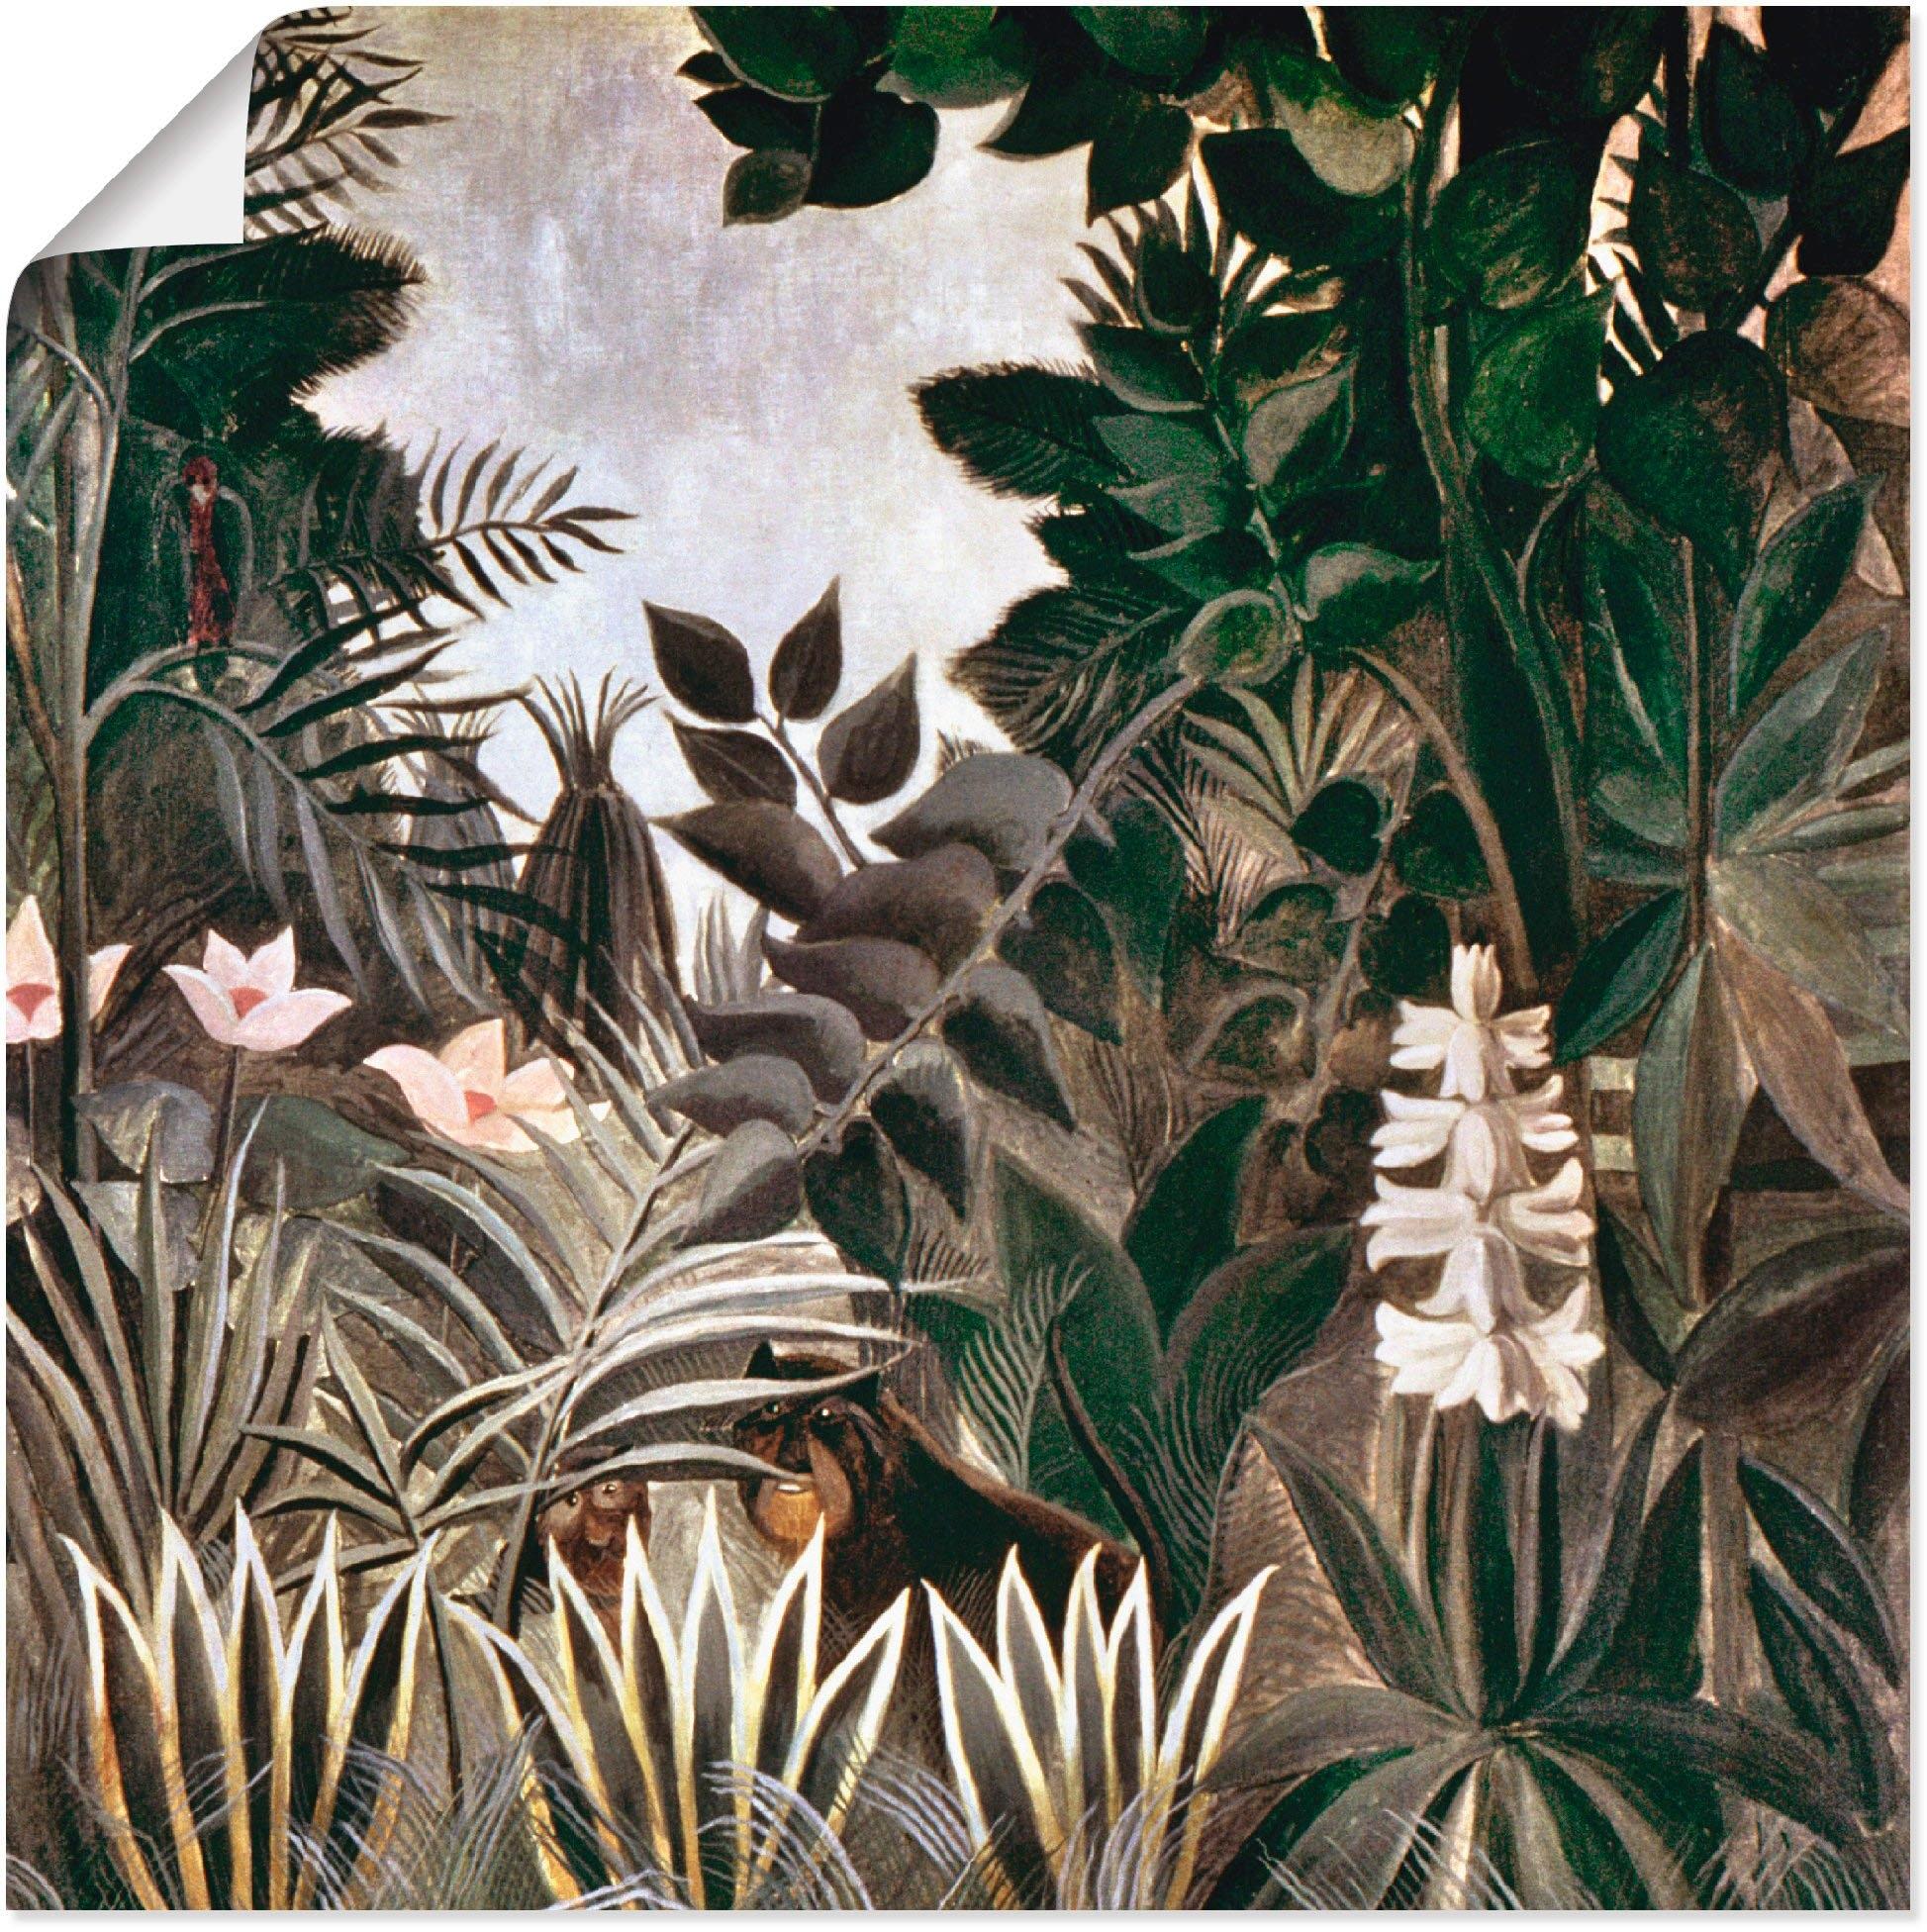 Artland Artprint Jungle, 1909 in vele afmetingen & productsoorten - artprint van aluminium / artprint voor buiten, artprint op linnen, poster, muursticker / wandfolie ook geschikt voor de badkamer (1 stuk) nu online bestellen